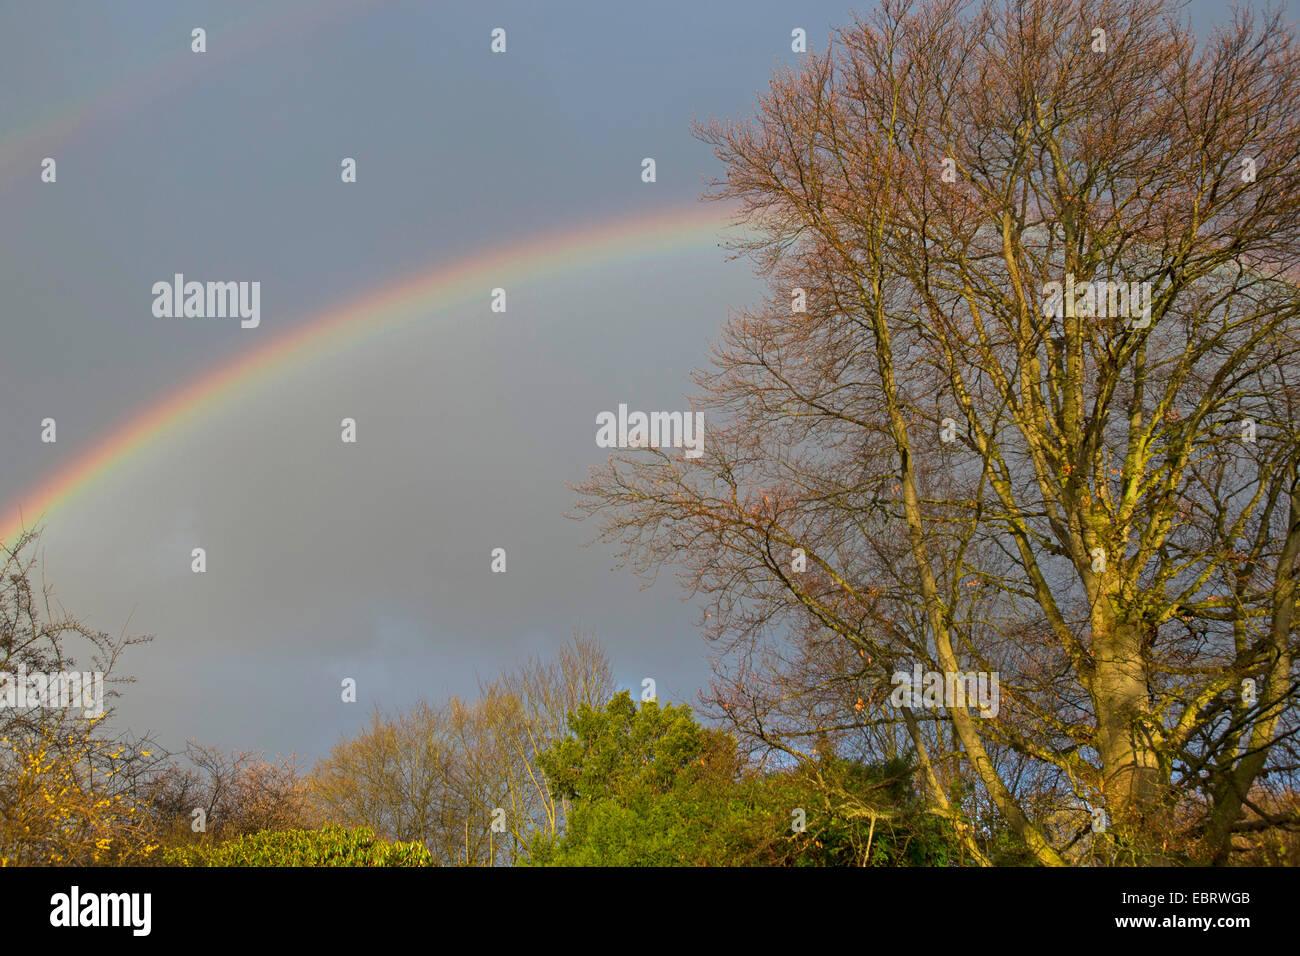 doppelter Regenbogen, Deutschland Stockbild